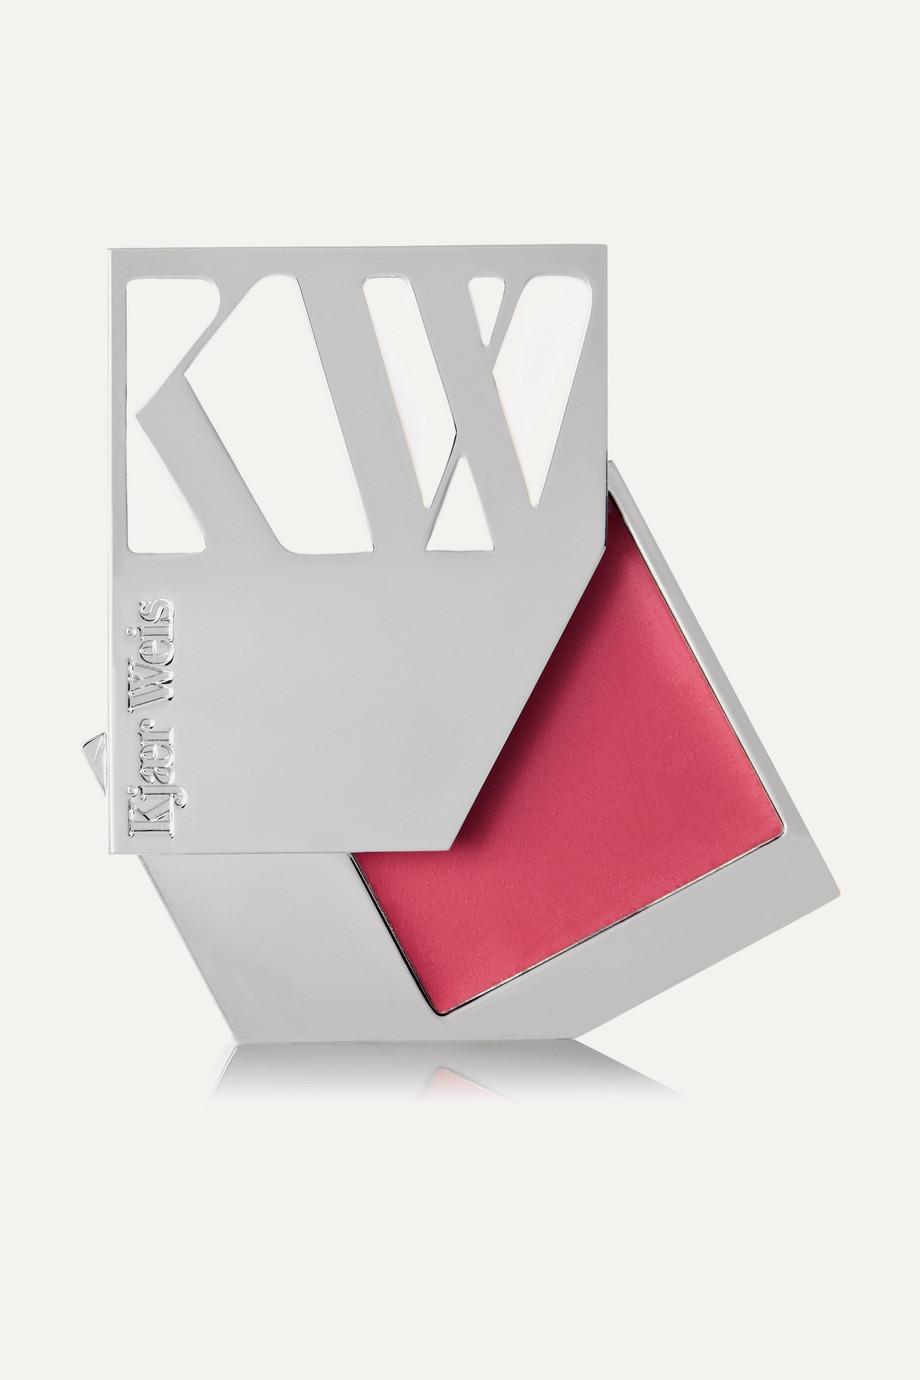 Kjaer Weis Cream Blush - Lovely